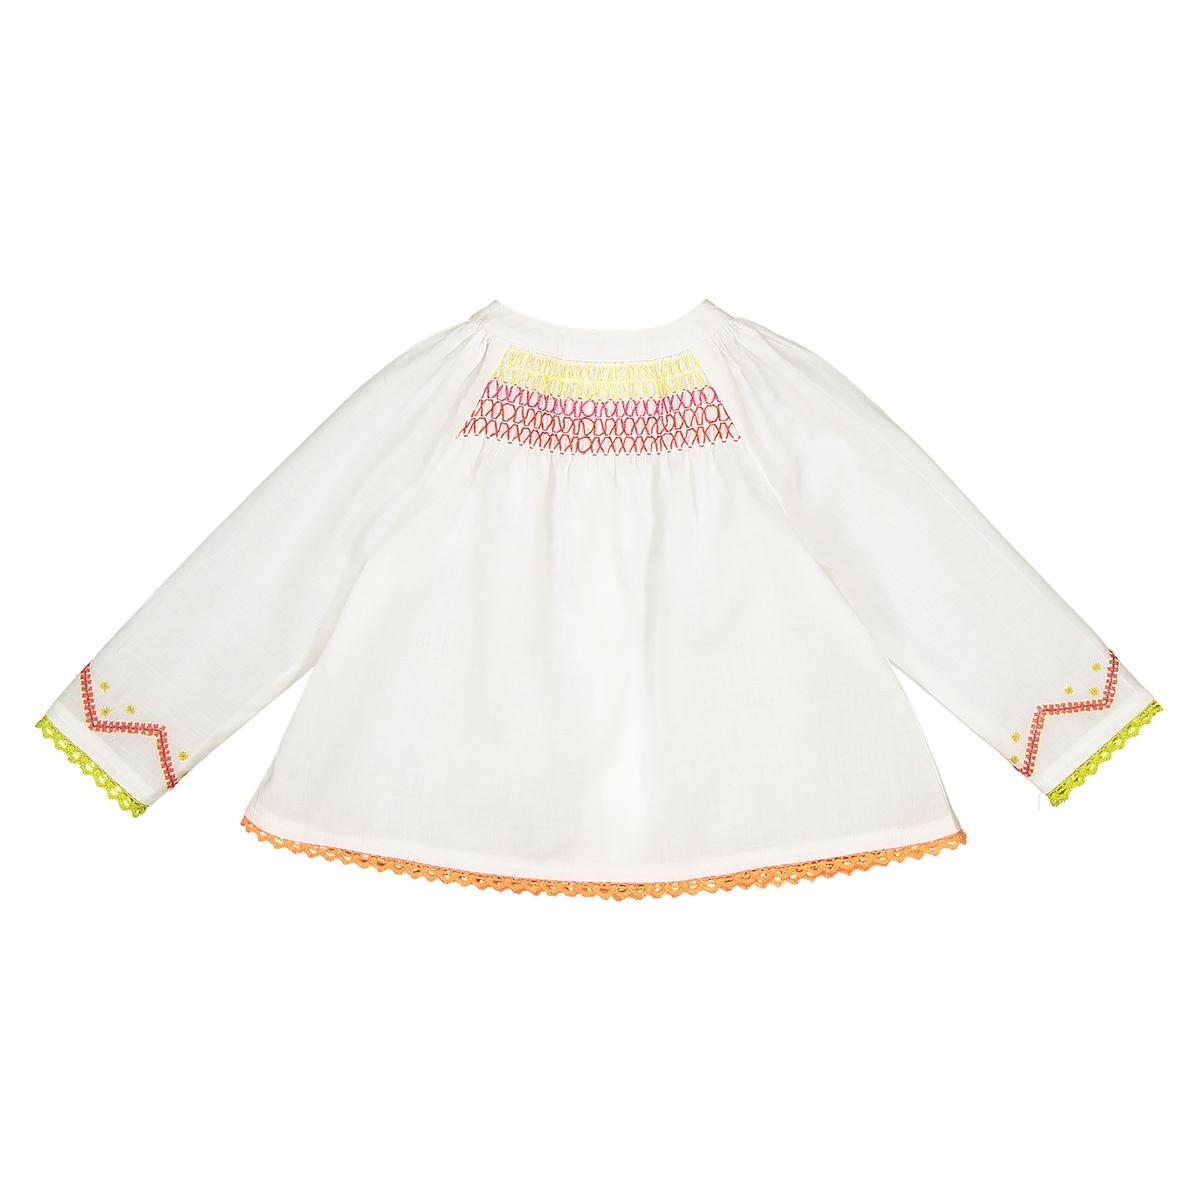 Блузка La Redoute С длинными рукавами и вышивкой 6 мес. - 67 см бежевый блузка la redoute с вышивкой гладью мес года 6 мес 67 см другие